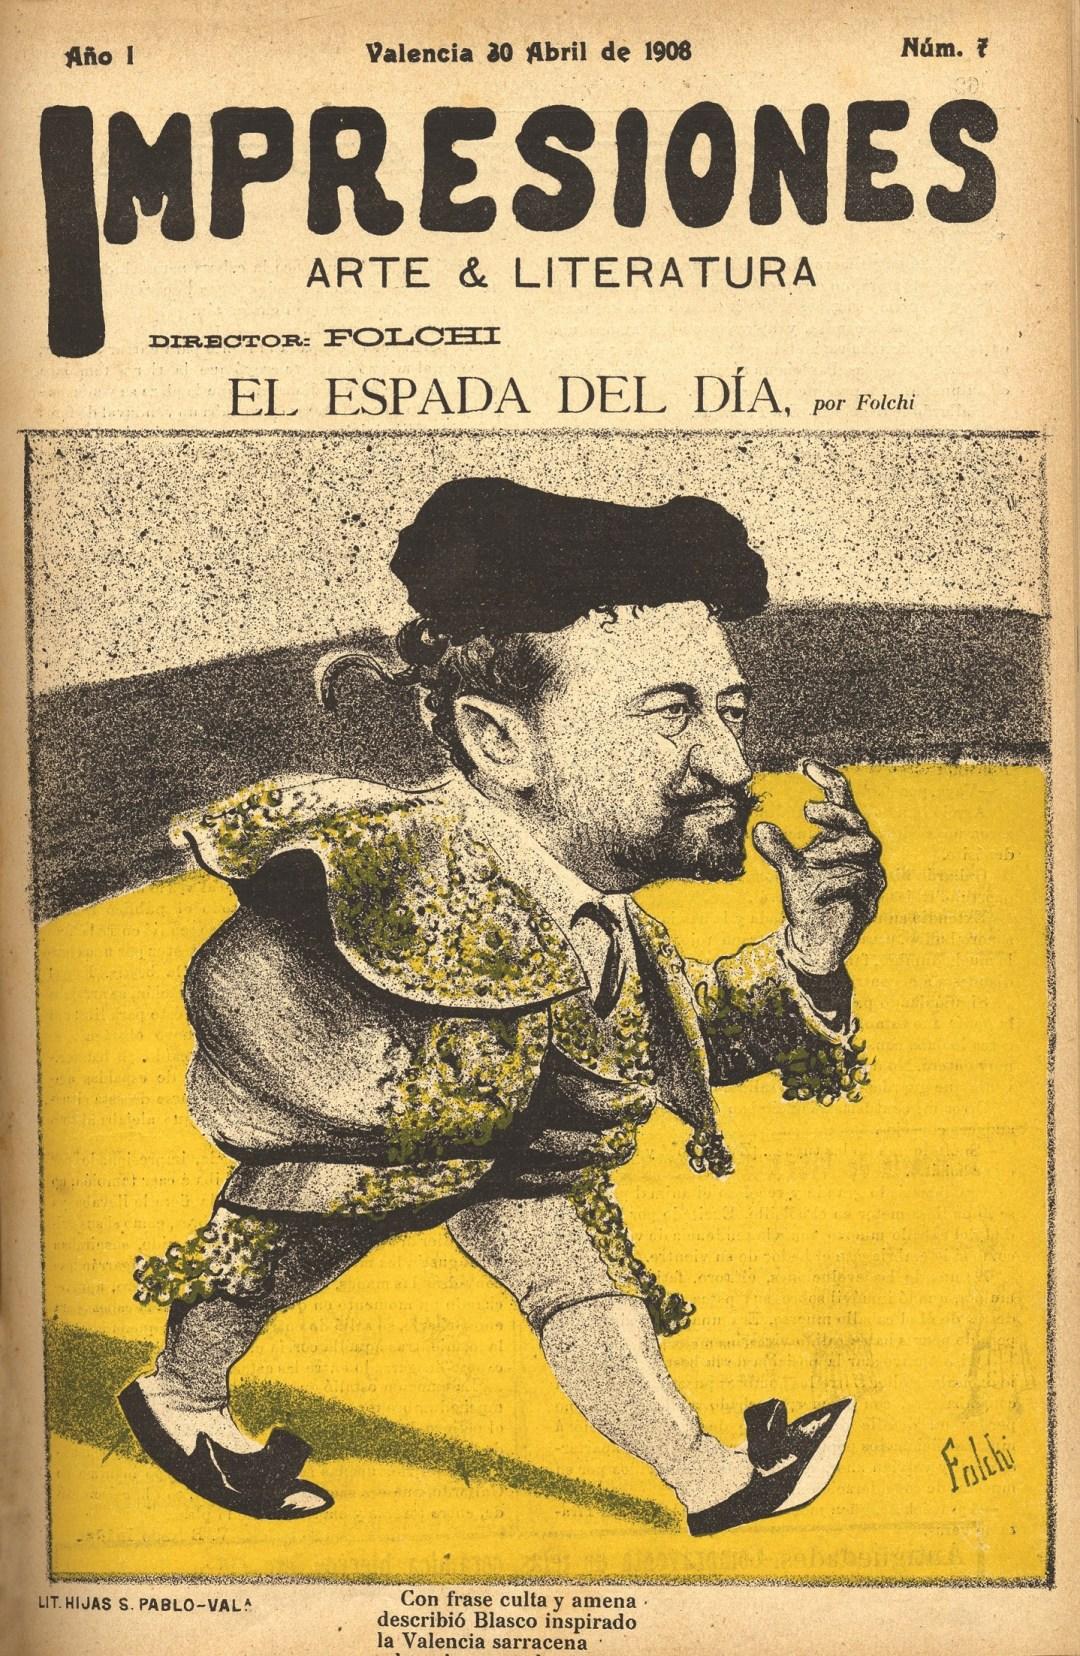 Caricatura hecha por Folchi a Blasco Ibáñez en una edición de